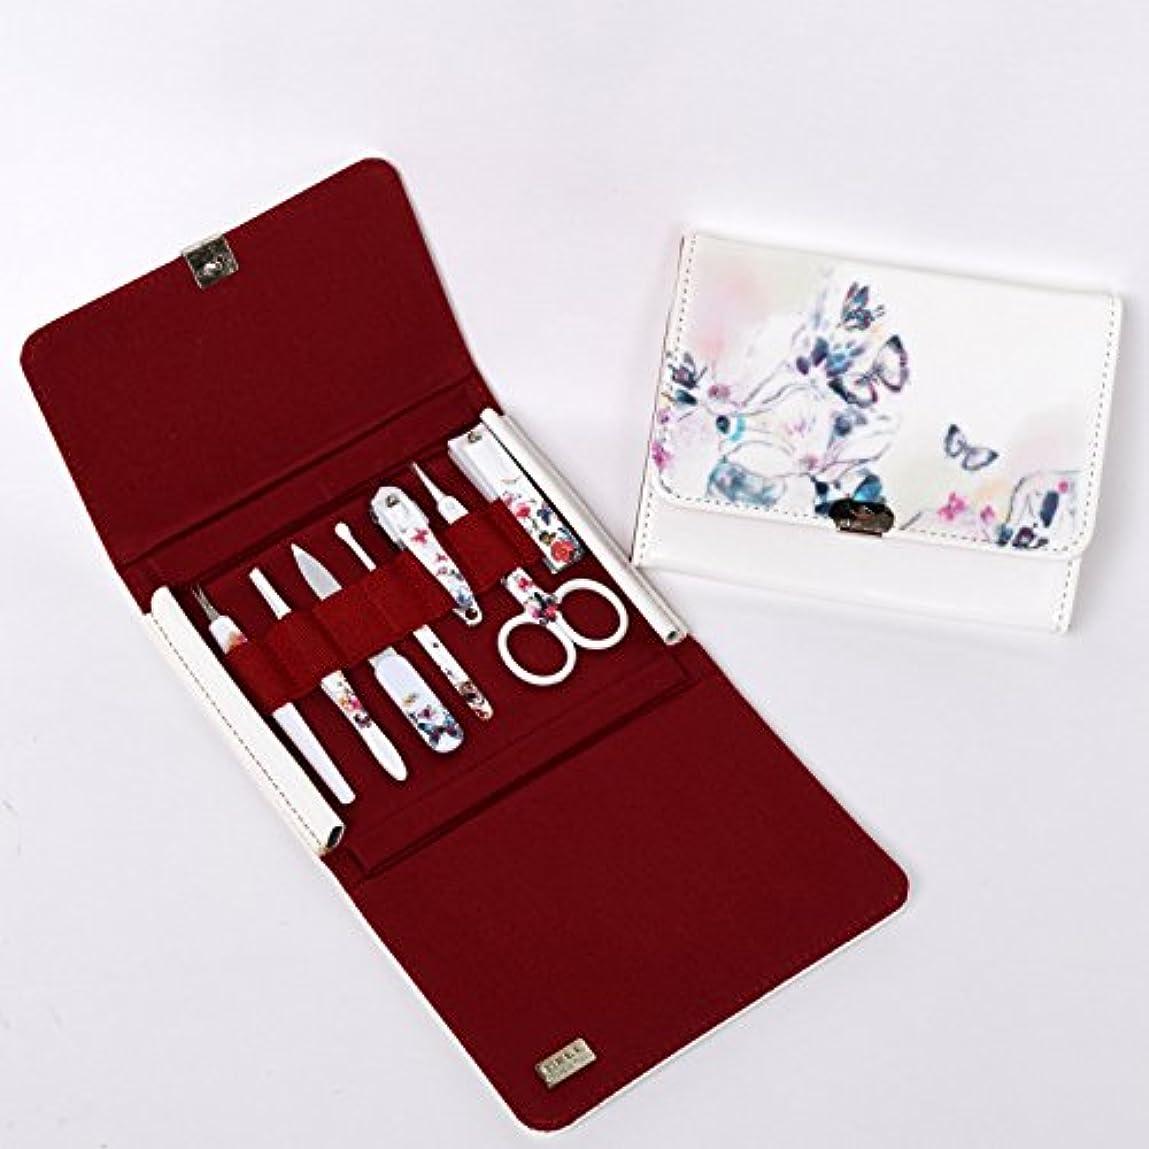 女王マスクノイズBELL Manicure Sets BM-270 ポータブル爪の管理セット 爪切りセット 高品質のネイルケアセット高級感のある東洋画のデザイン Portable Nail Clippers Nail Care Set